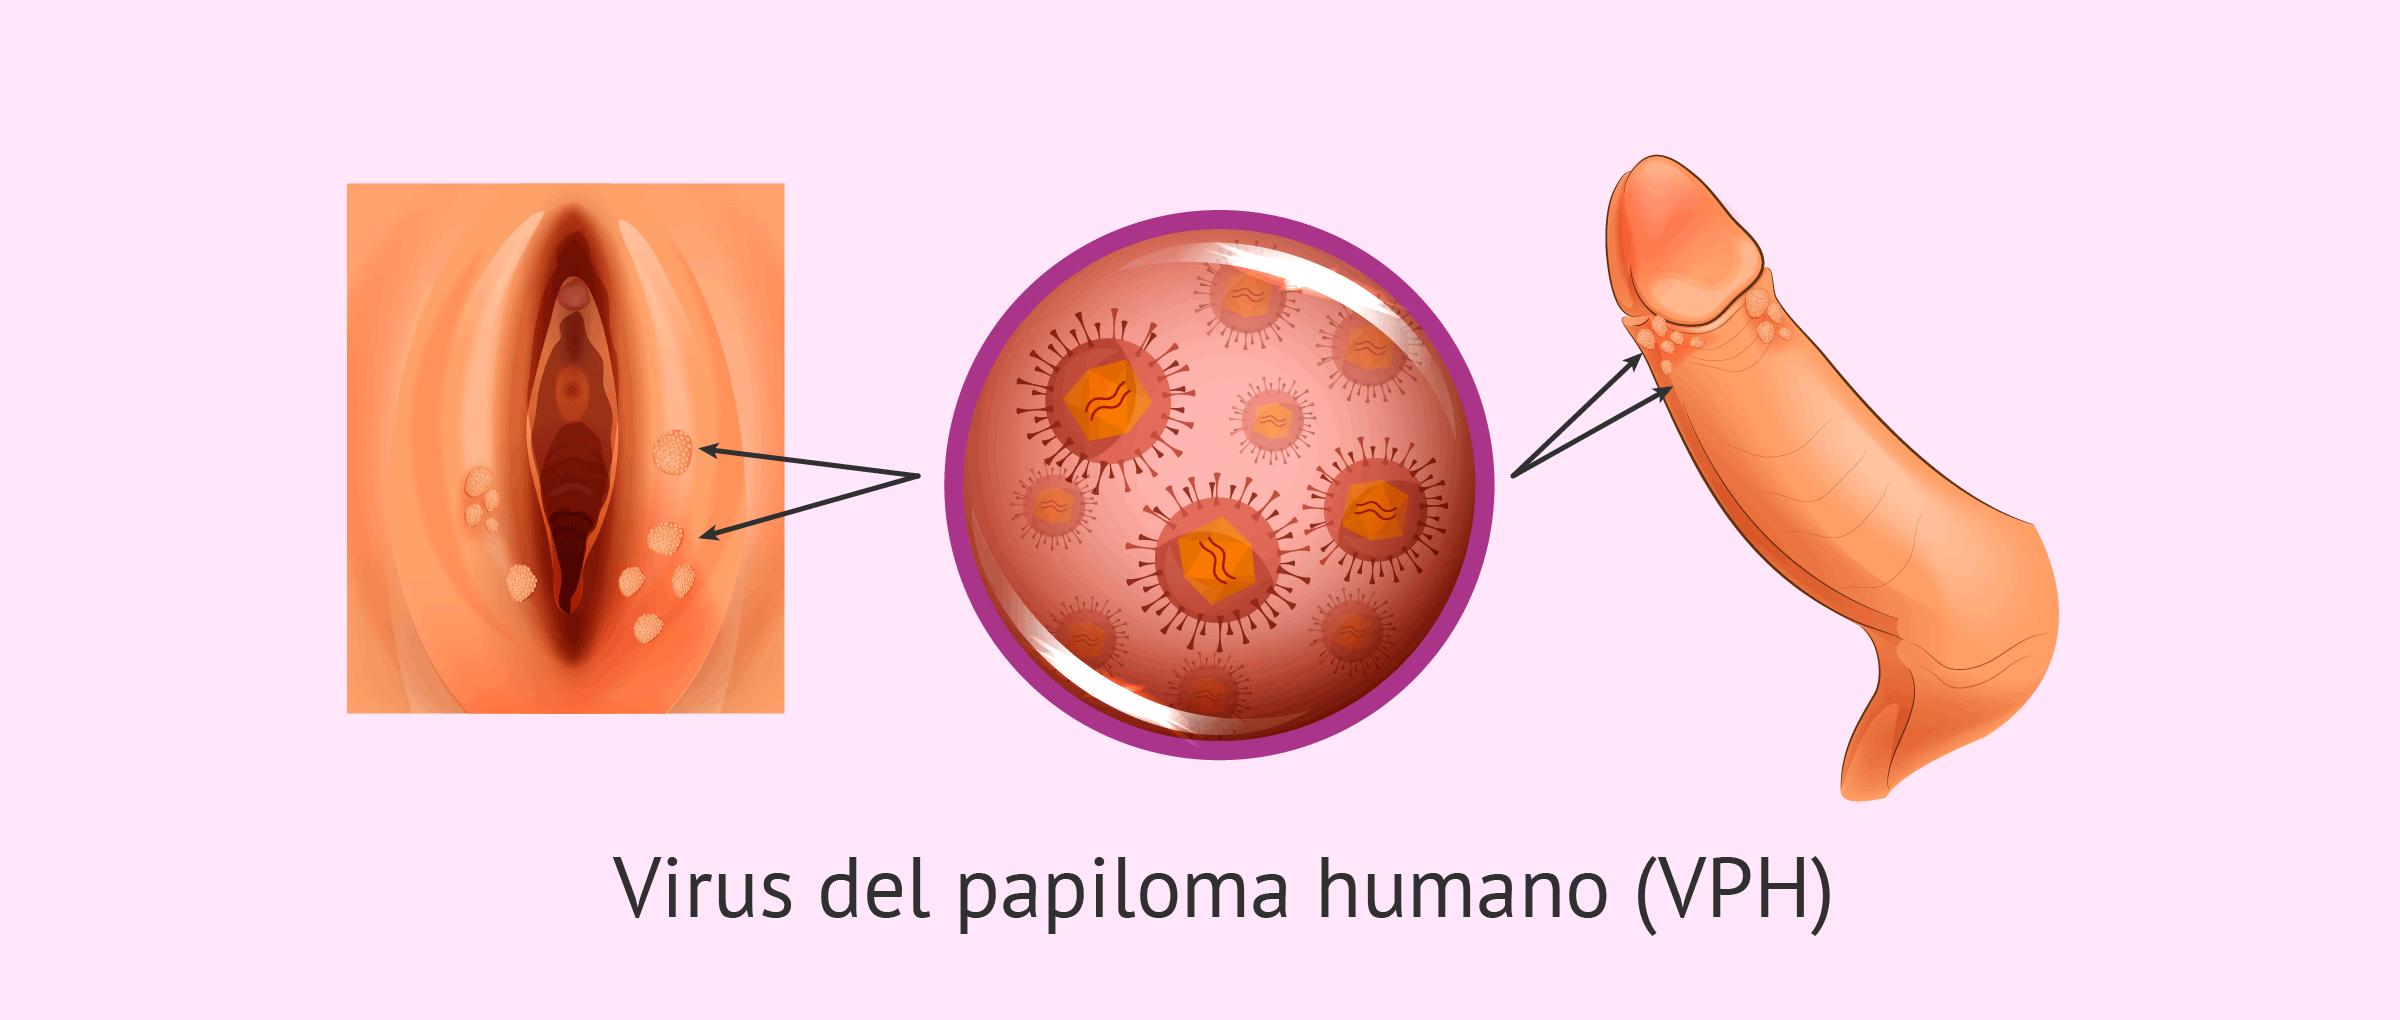 flatulenta sarcina papilloma of larynx